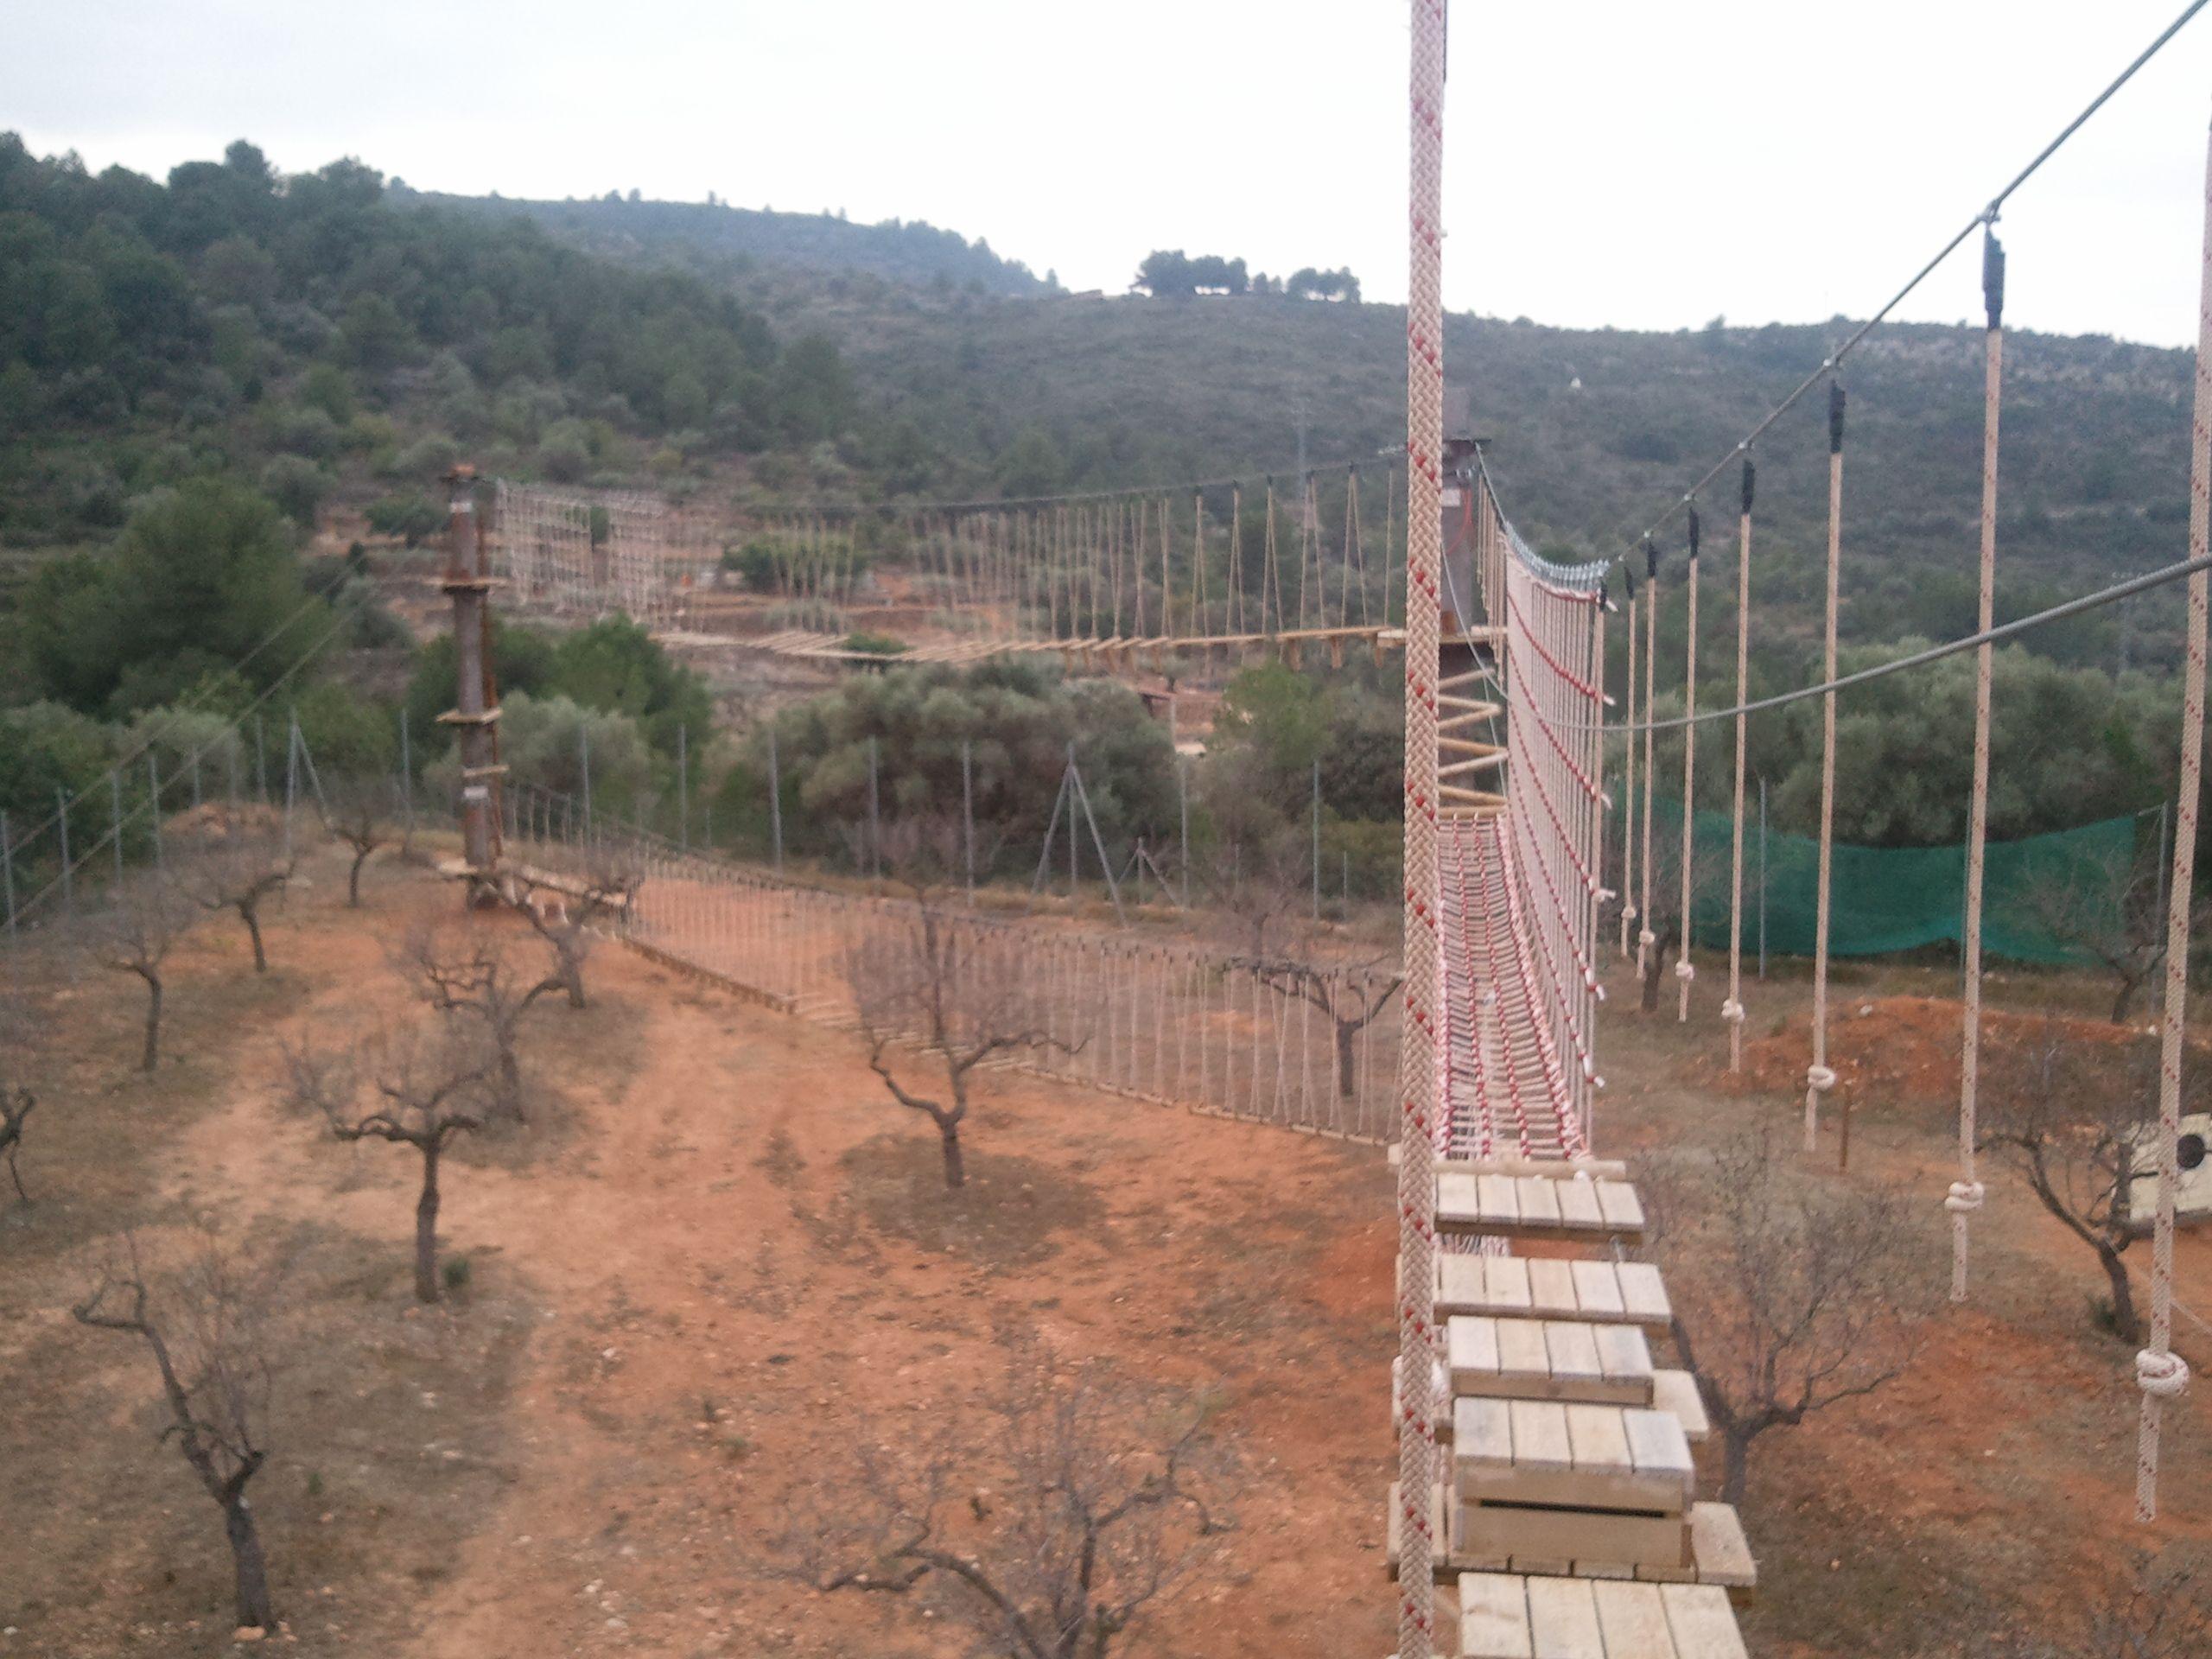 Puentes tibetanos en Temps actiu, Sant Joan de Moró.